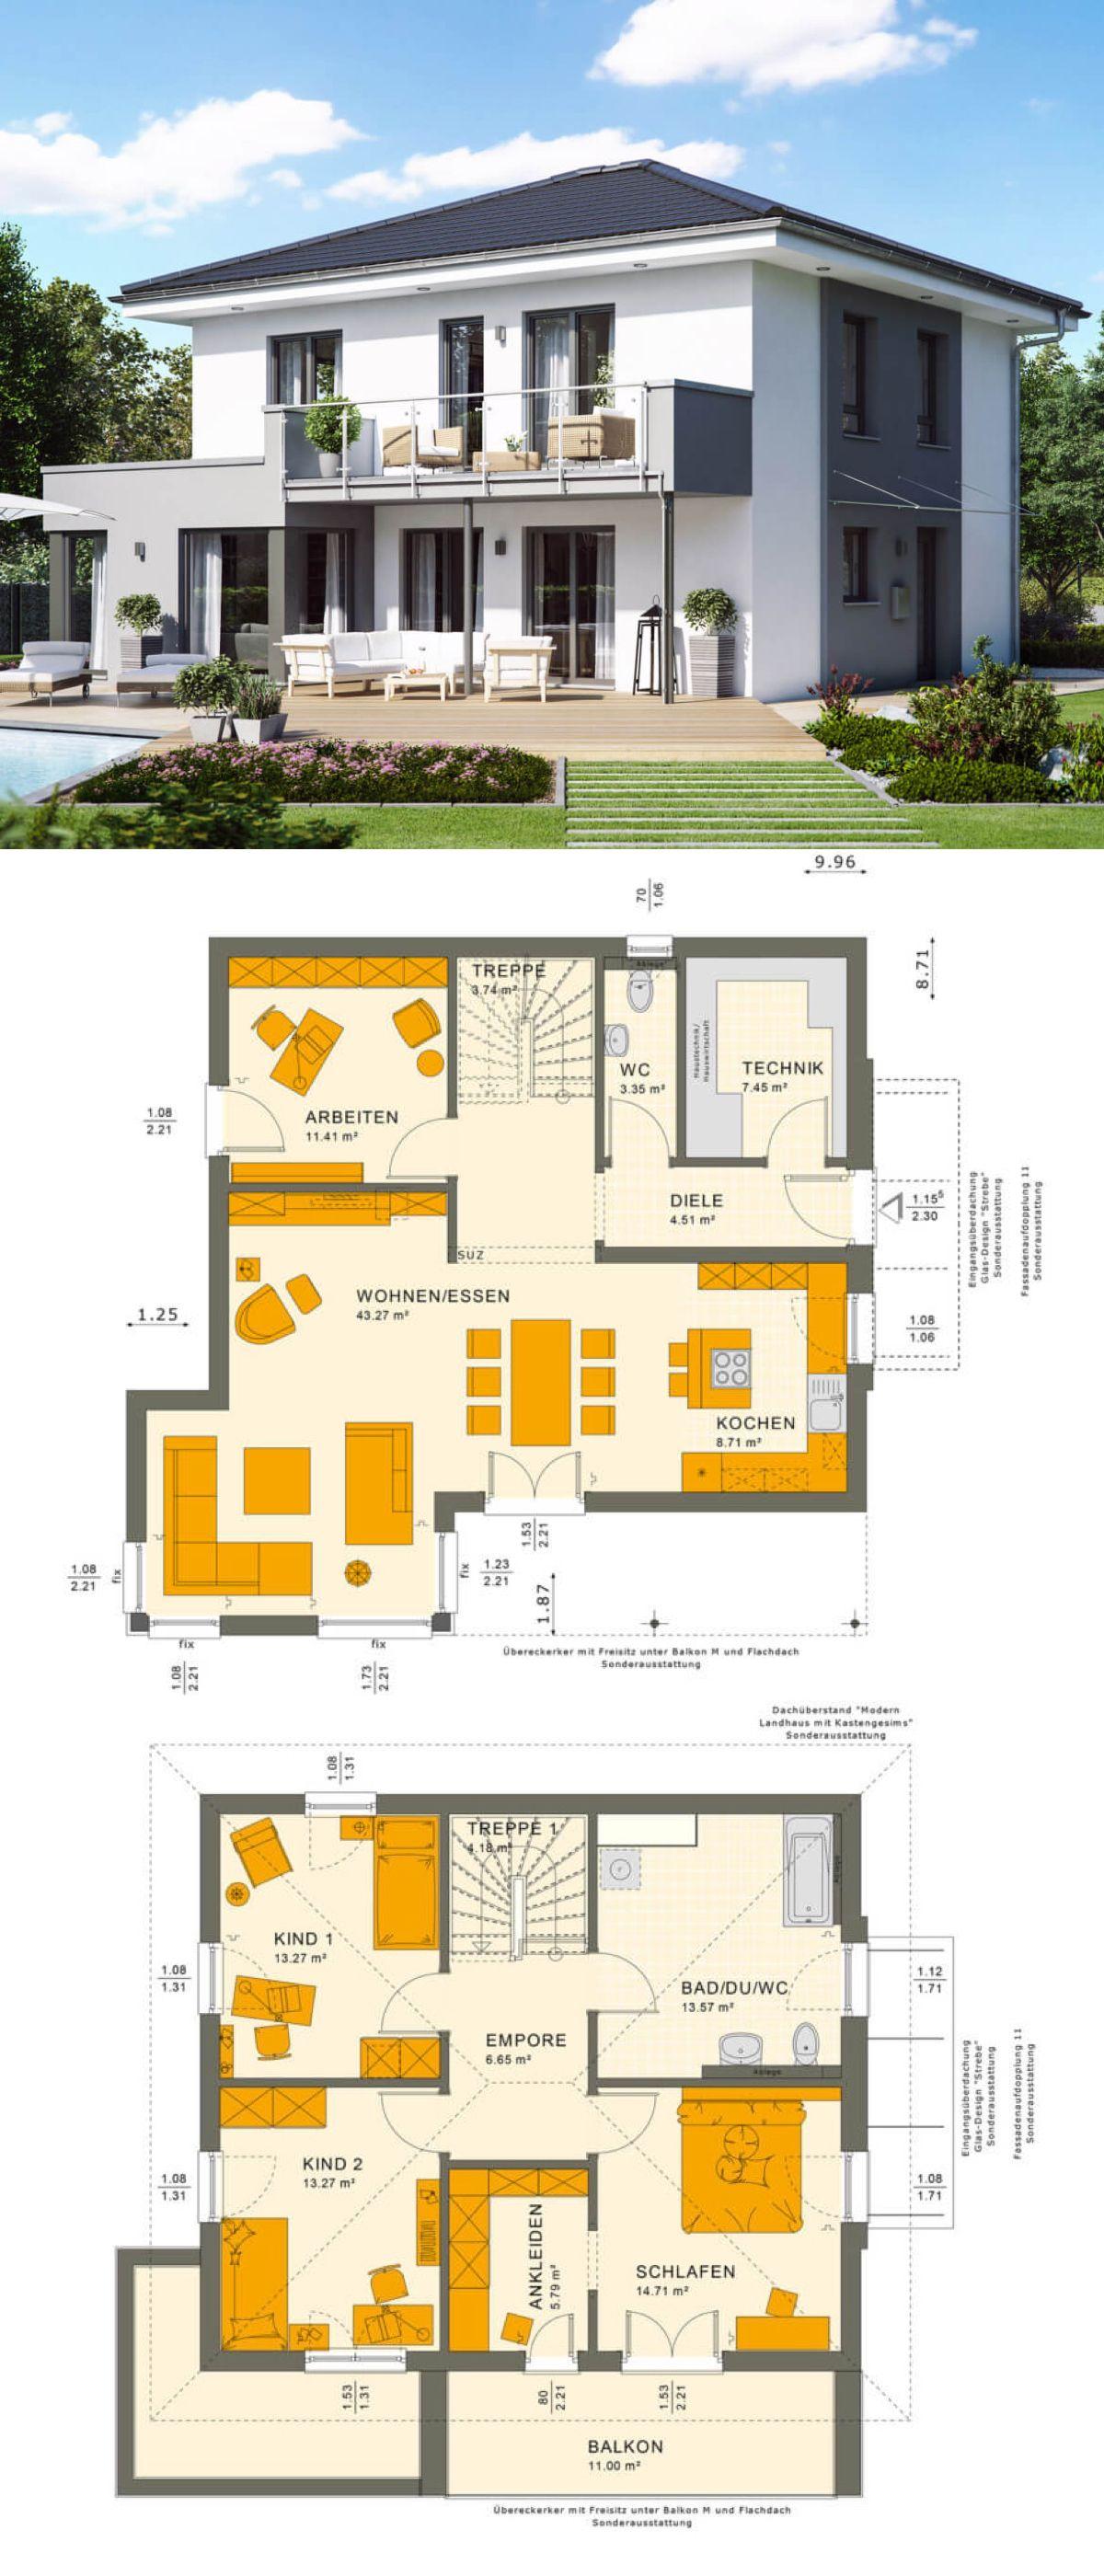 Hochwertig Stadtvilla Modern Neubau Mit Walmdach Architektur, Erker U0026 Loggia    Einfamilienhaus Bauen Ideen Grundriss Fertighaus